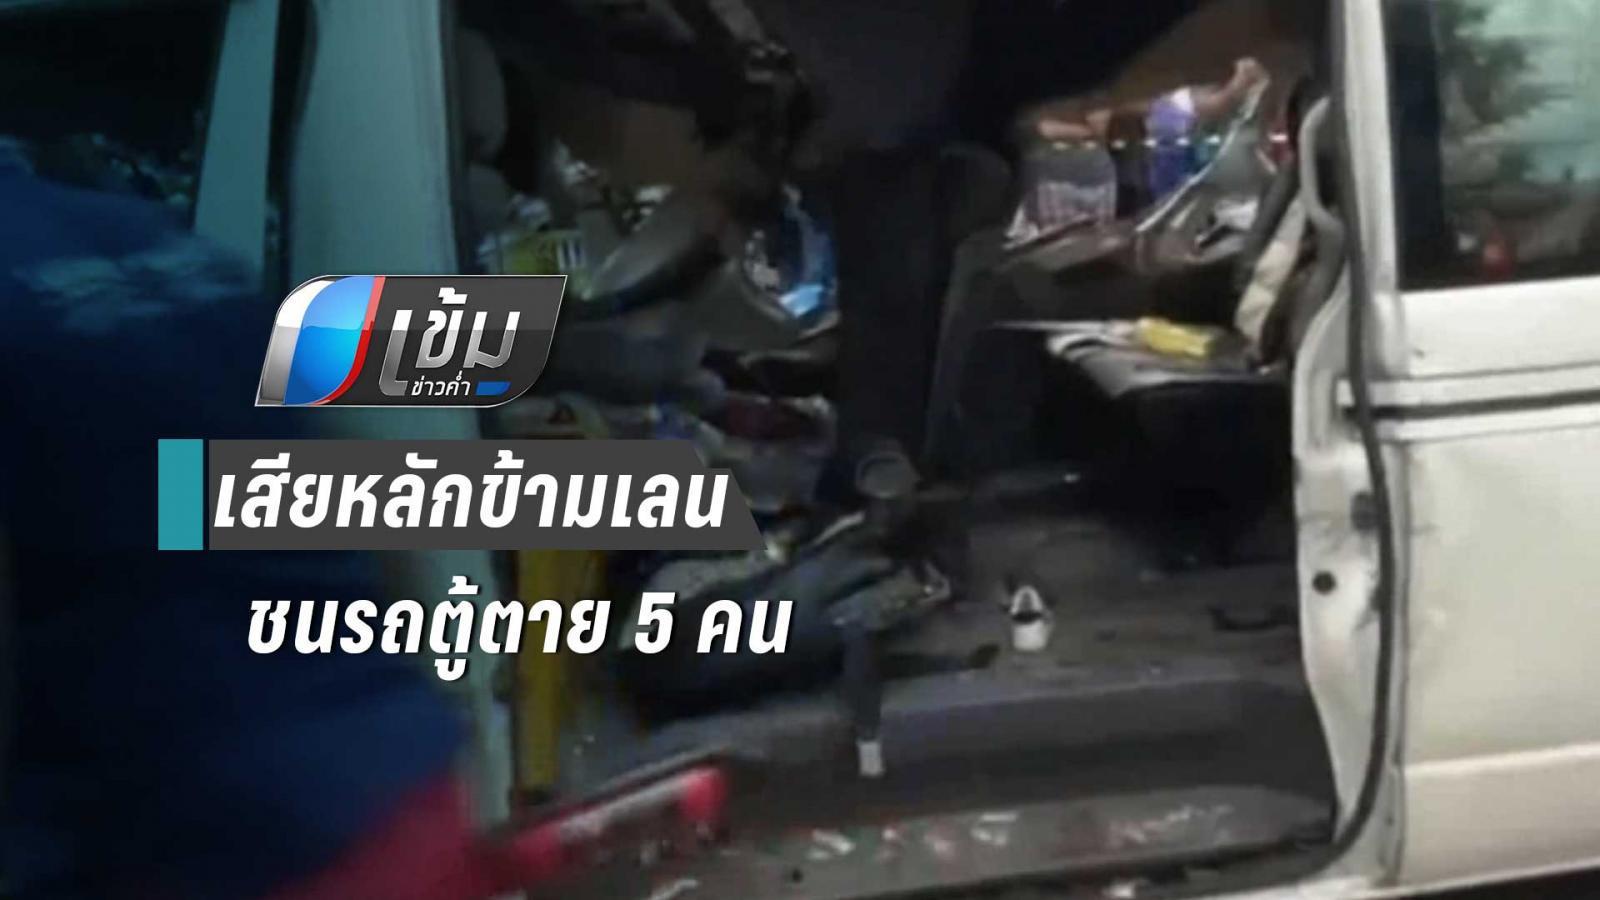 รถยนต์เสียหลักข้ามเลนชนรถตู้โดยสารเสียชีวิต 5 คน